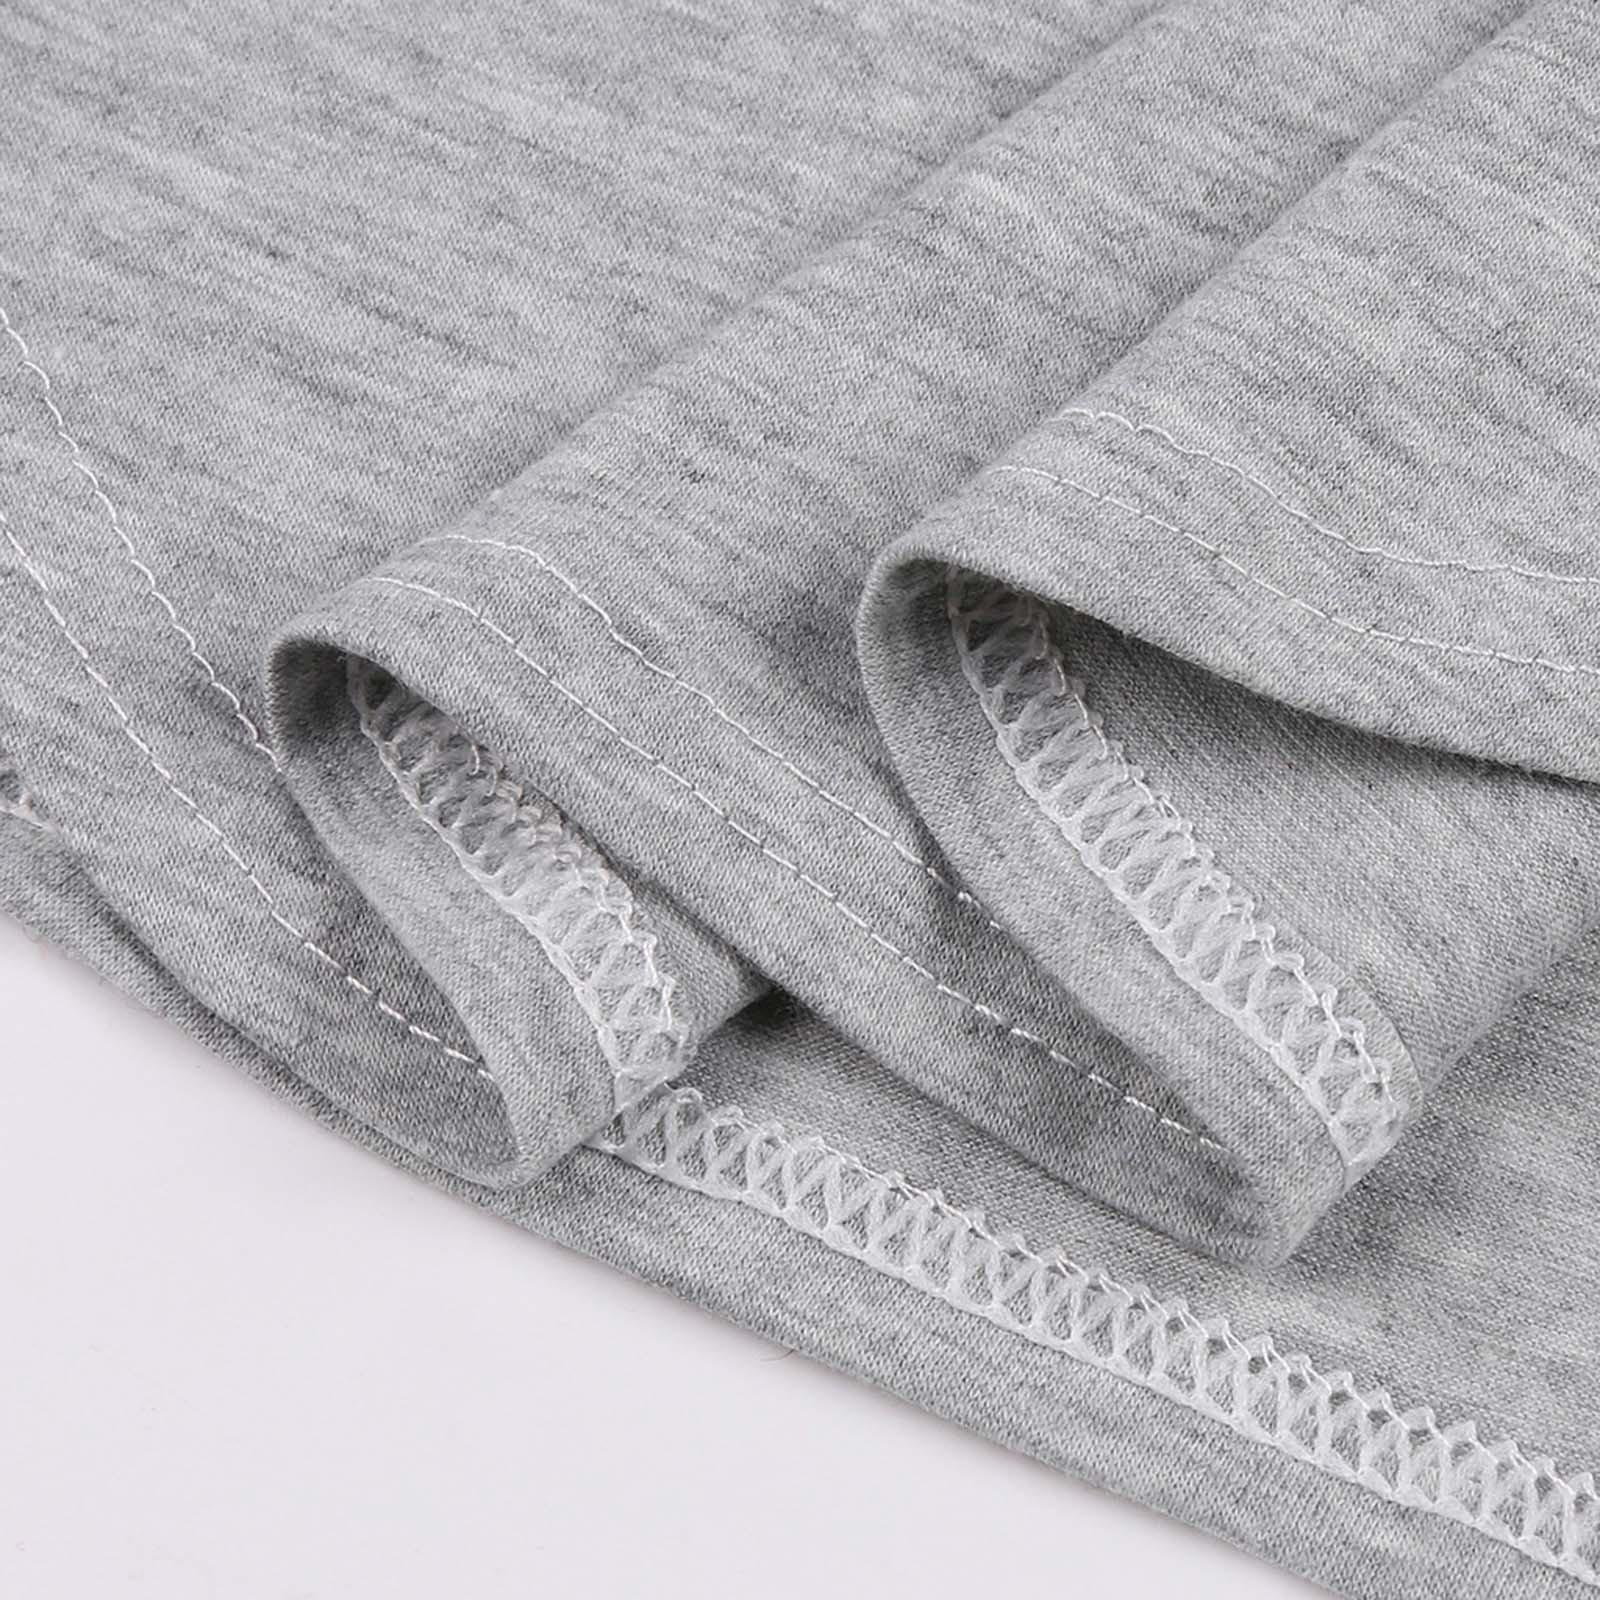 solida com mangas compridas camiseta para mulher gravida roupa amamentadora 05